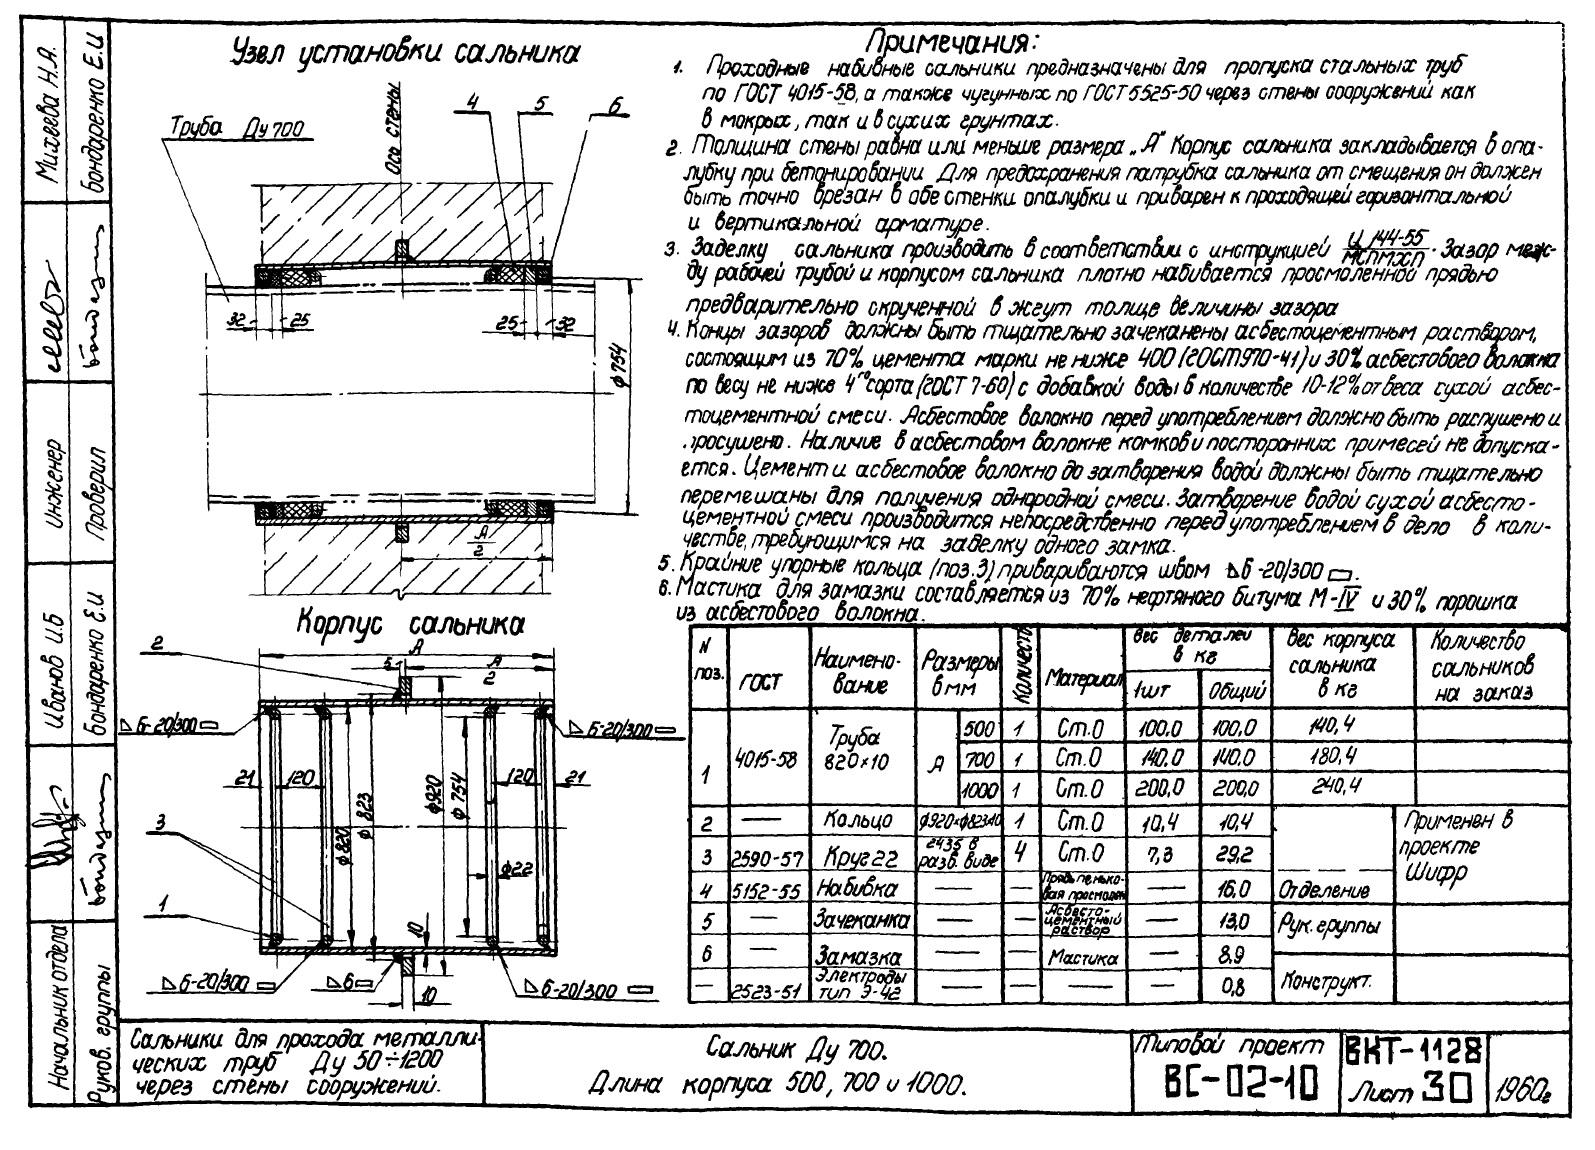 Сальники набивные L = 700 мм типовой проект ВС-02-10 стр.14